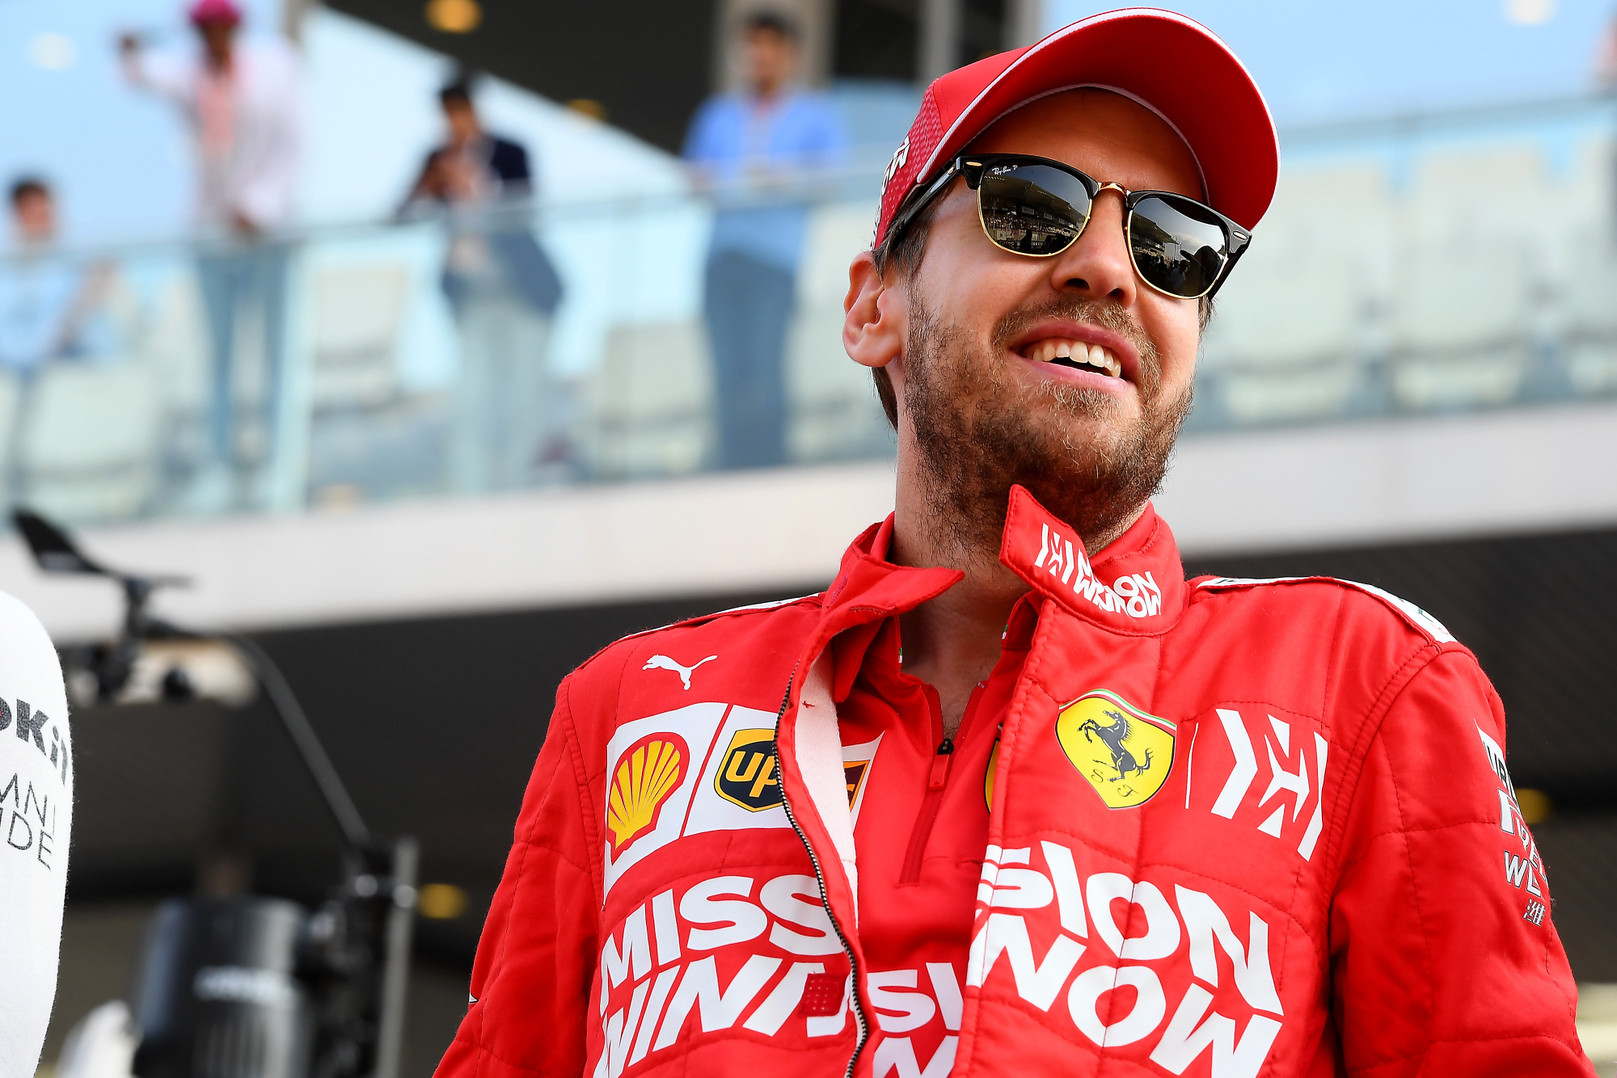 """Ispanų žiniasklaida: S. Vettelis žvalgosi į """"McLaren"""""""